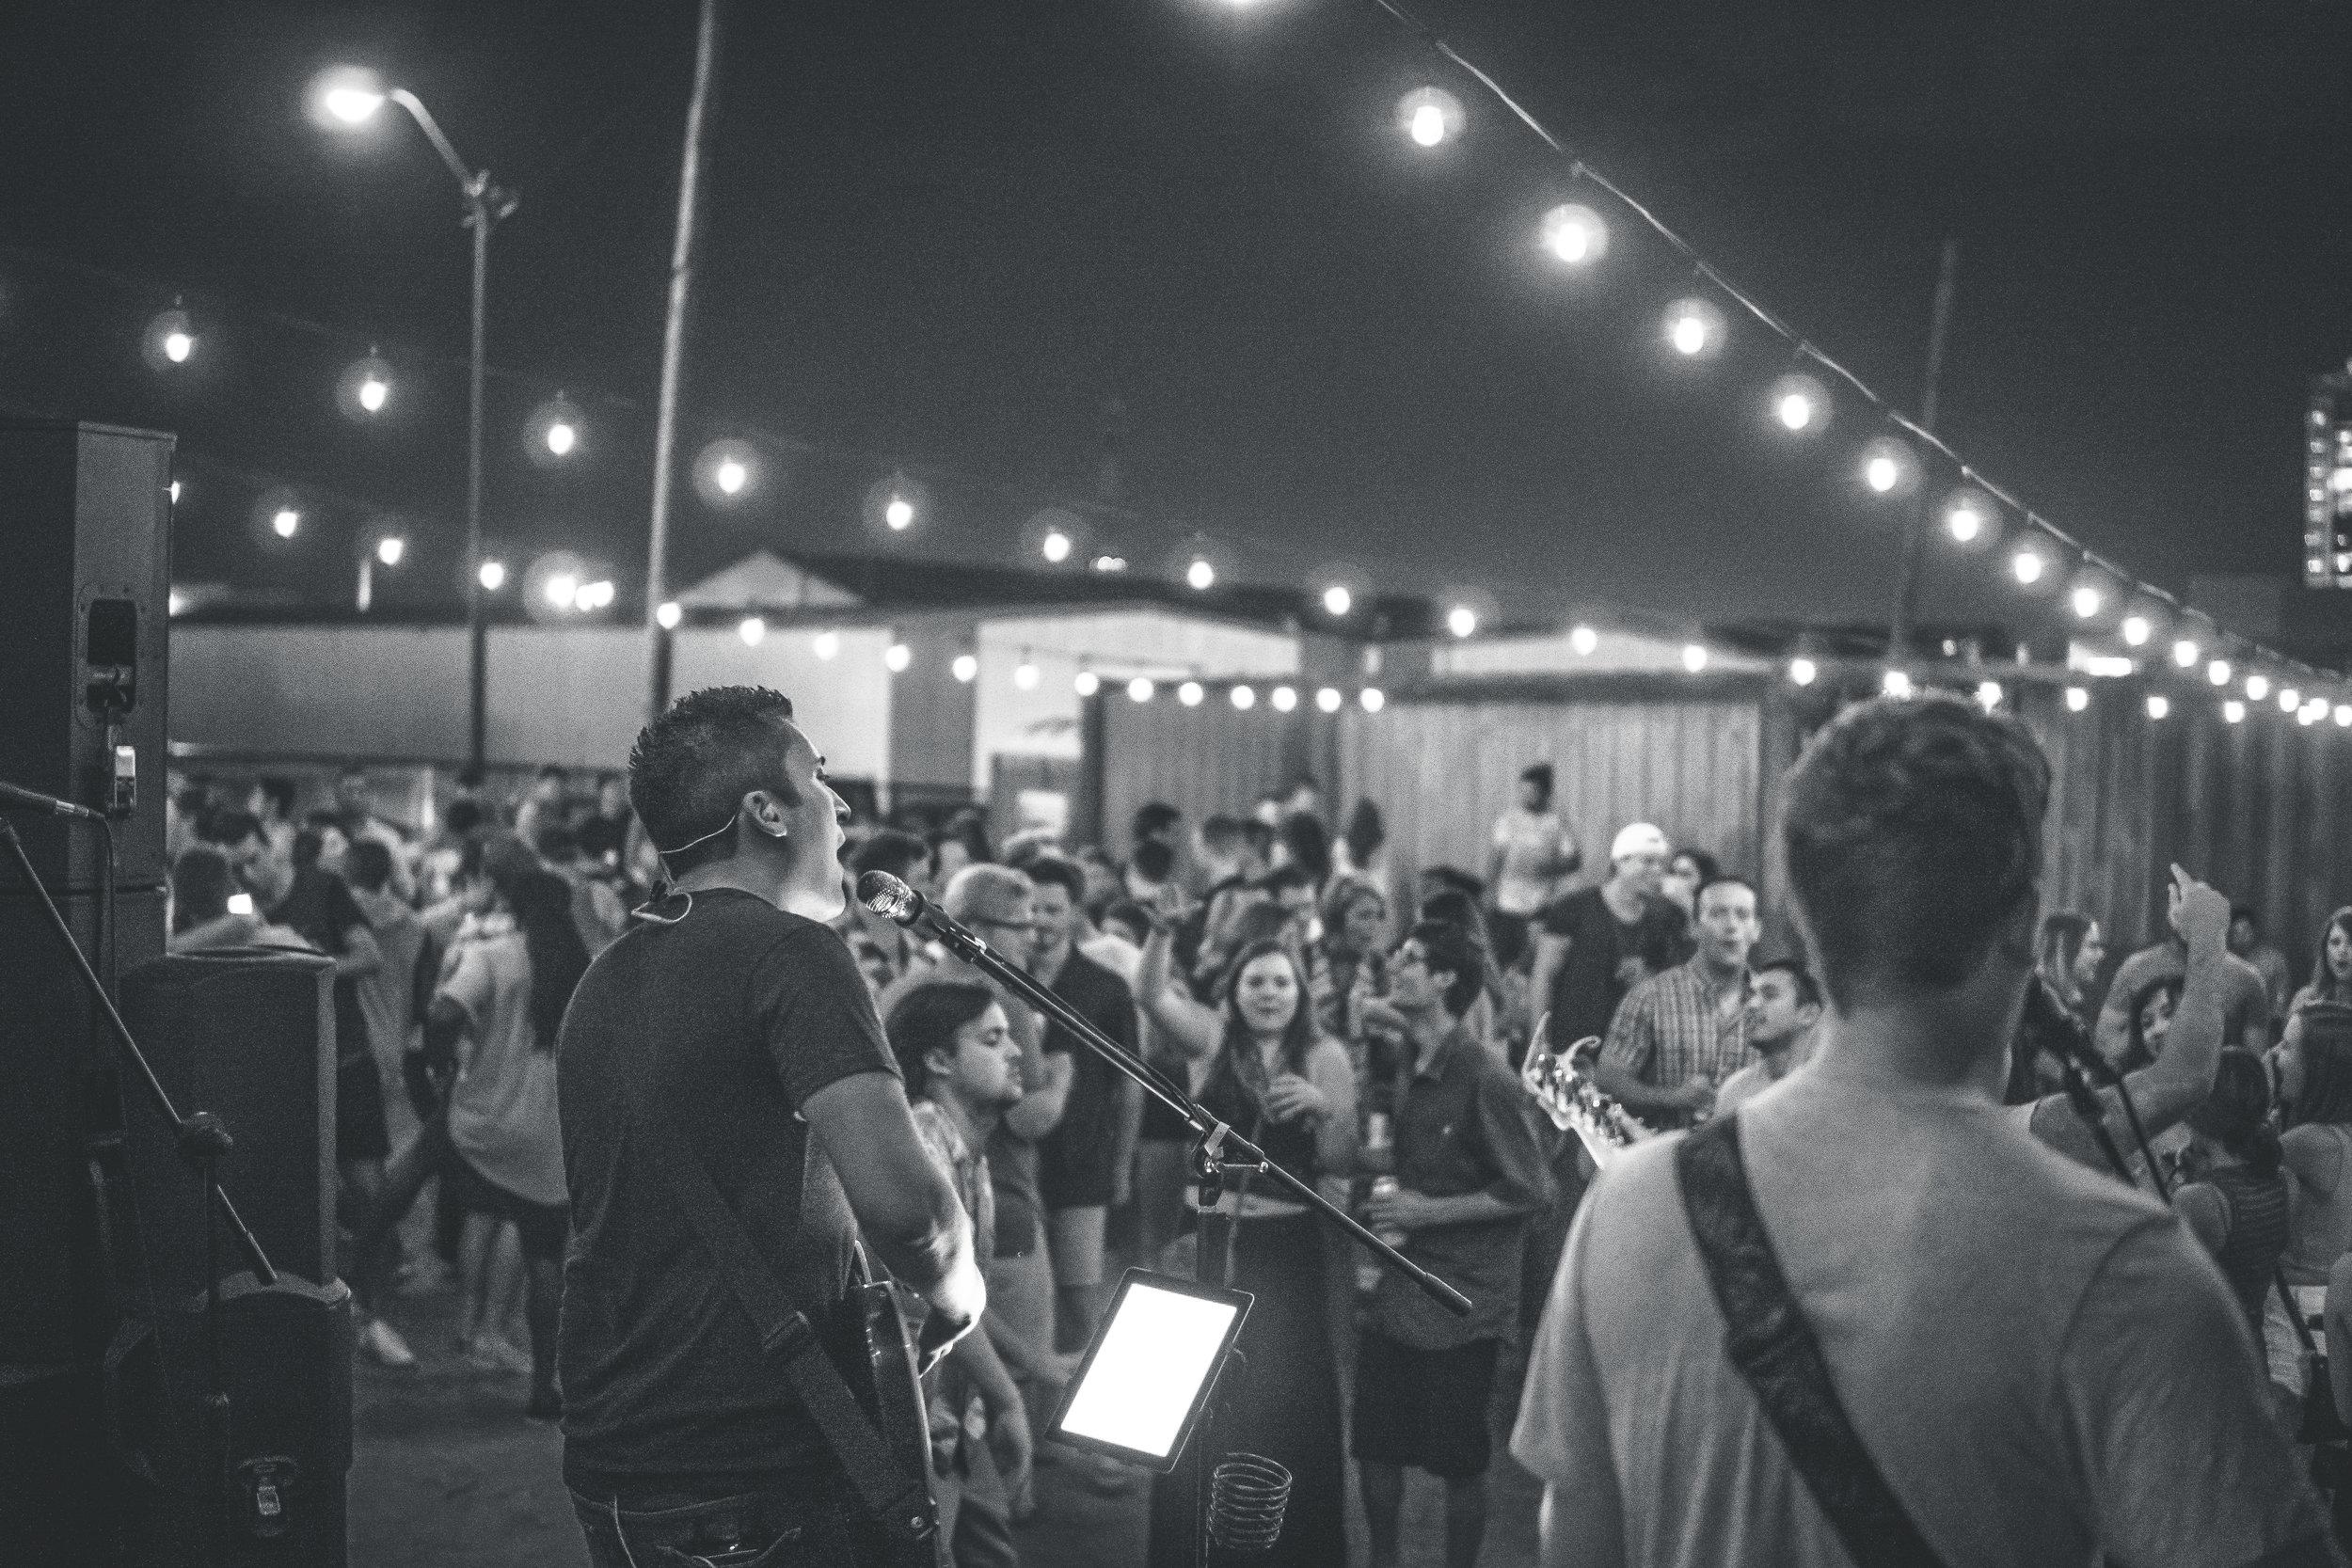 FM Pilots - Tulsa Rock Band - at Inner Circle Vodka Bar 072916-5.jpg